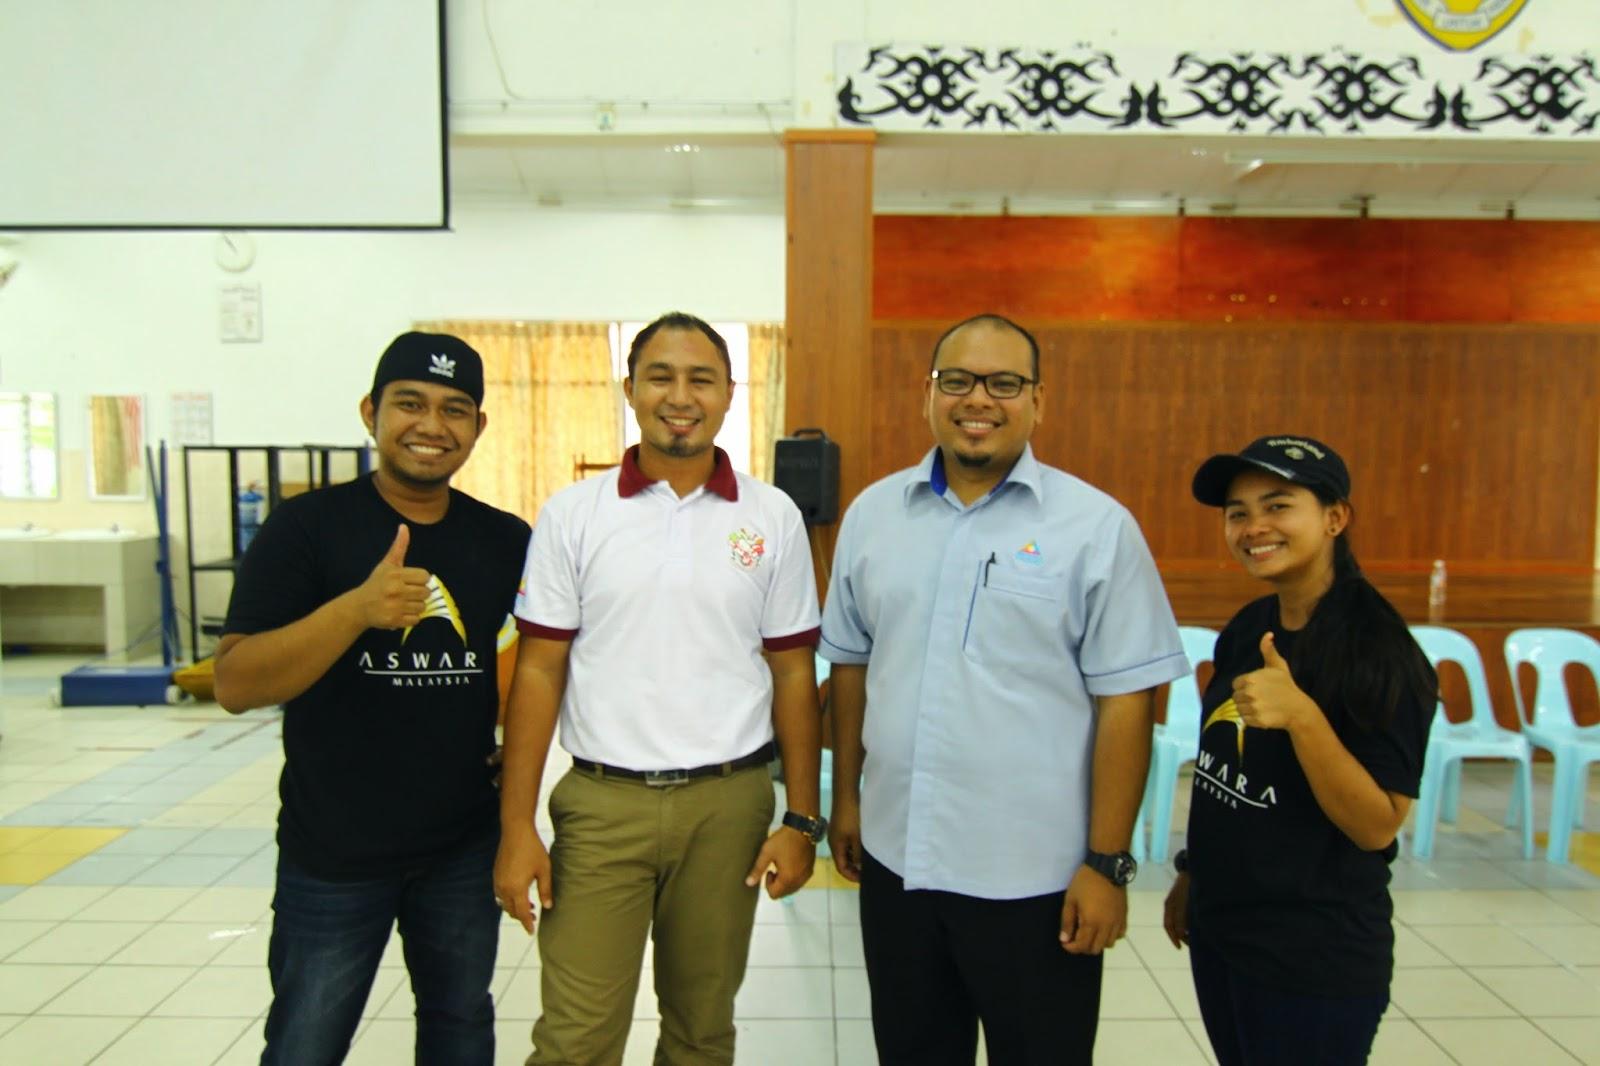 Cikgu Hailmi bersama orang kuat Liga Remaja Kreatif, En Tahir Musa dan pelajar ASWARA, Syafiq dan Farah